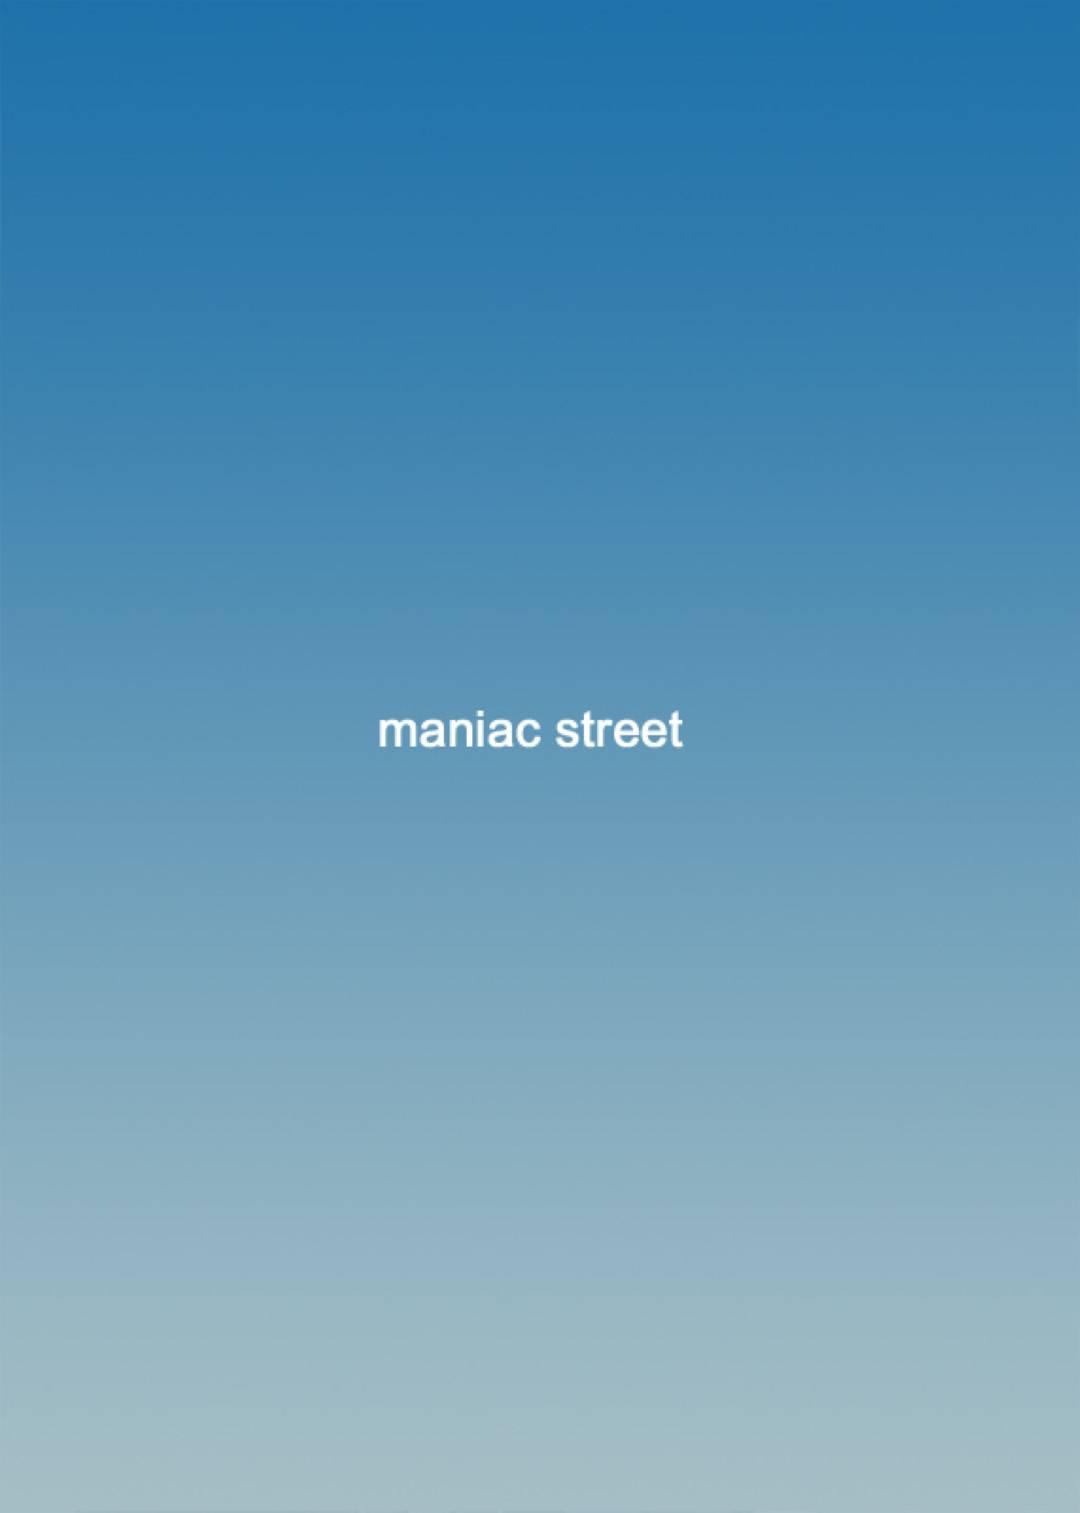 【エロ同人誌】寝ている間にシンジにセクハラされたが受け入れていちゃつくアスカ…手マン&手コキし合ってフェラでヌイたあと生ハメ中出しイチャラブ初セックスしてイッてしまう【Maniac Street:えぶあんげ3こみっく】